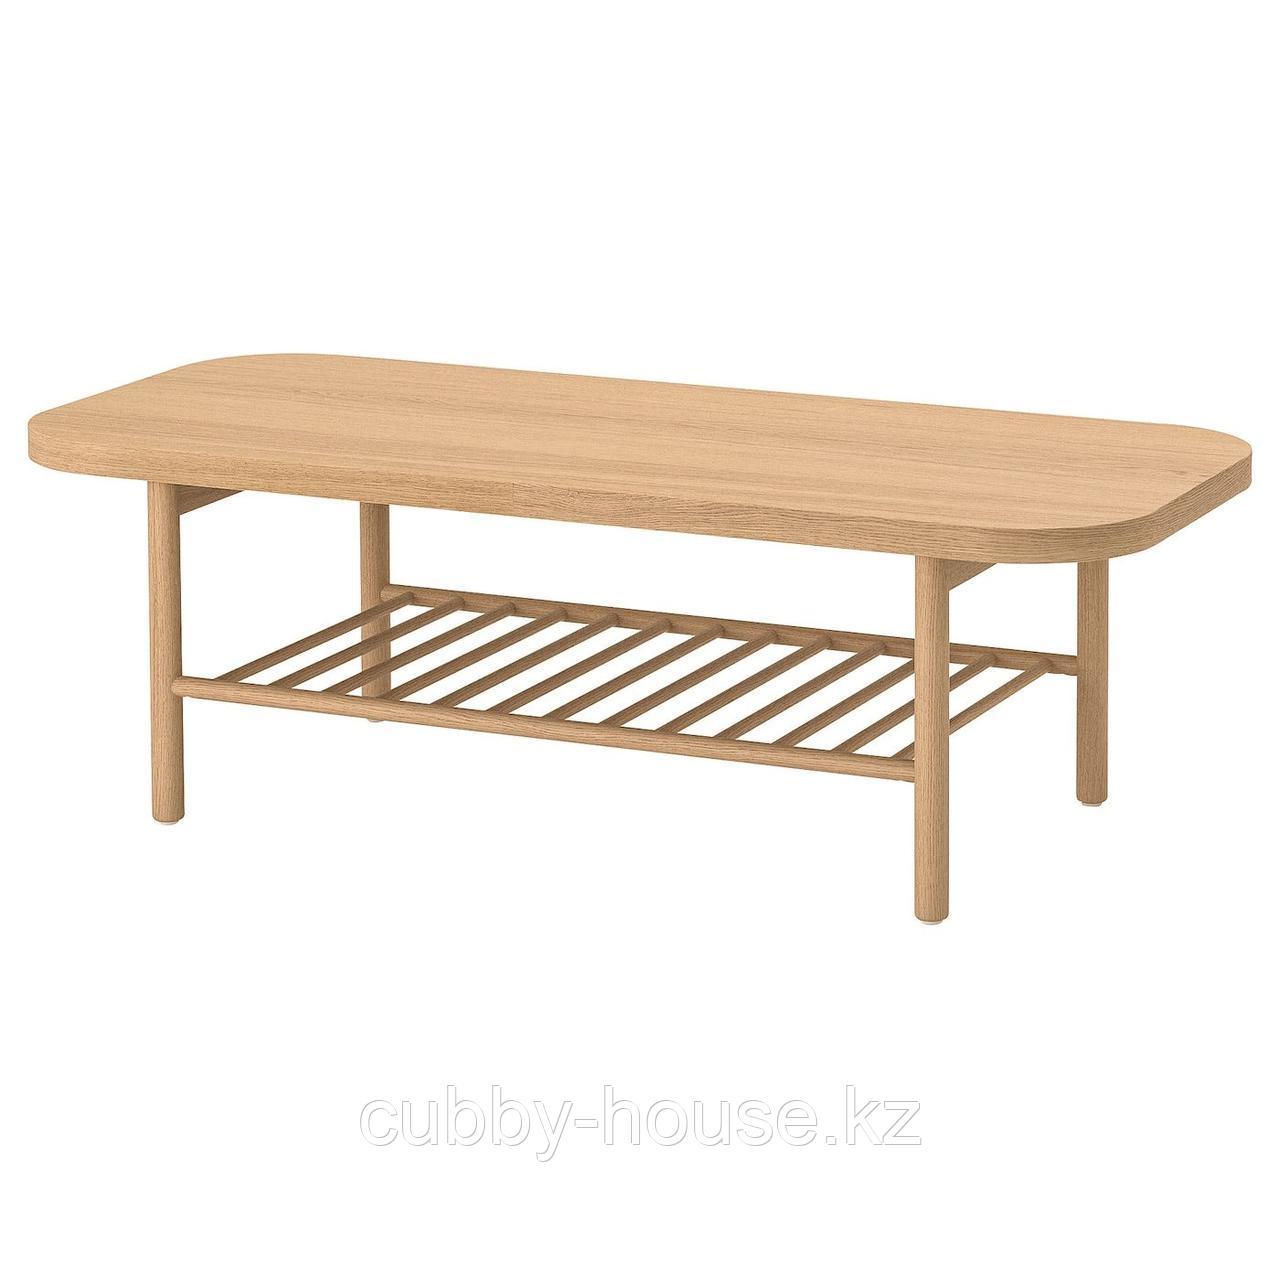 ЛИСТЕРБИ Журнальный стол, белая морилка дуб, 140x60 см